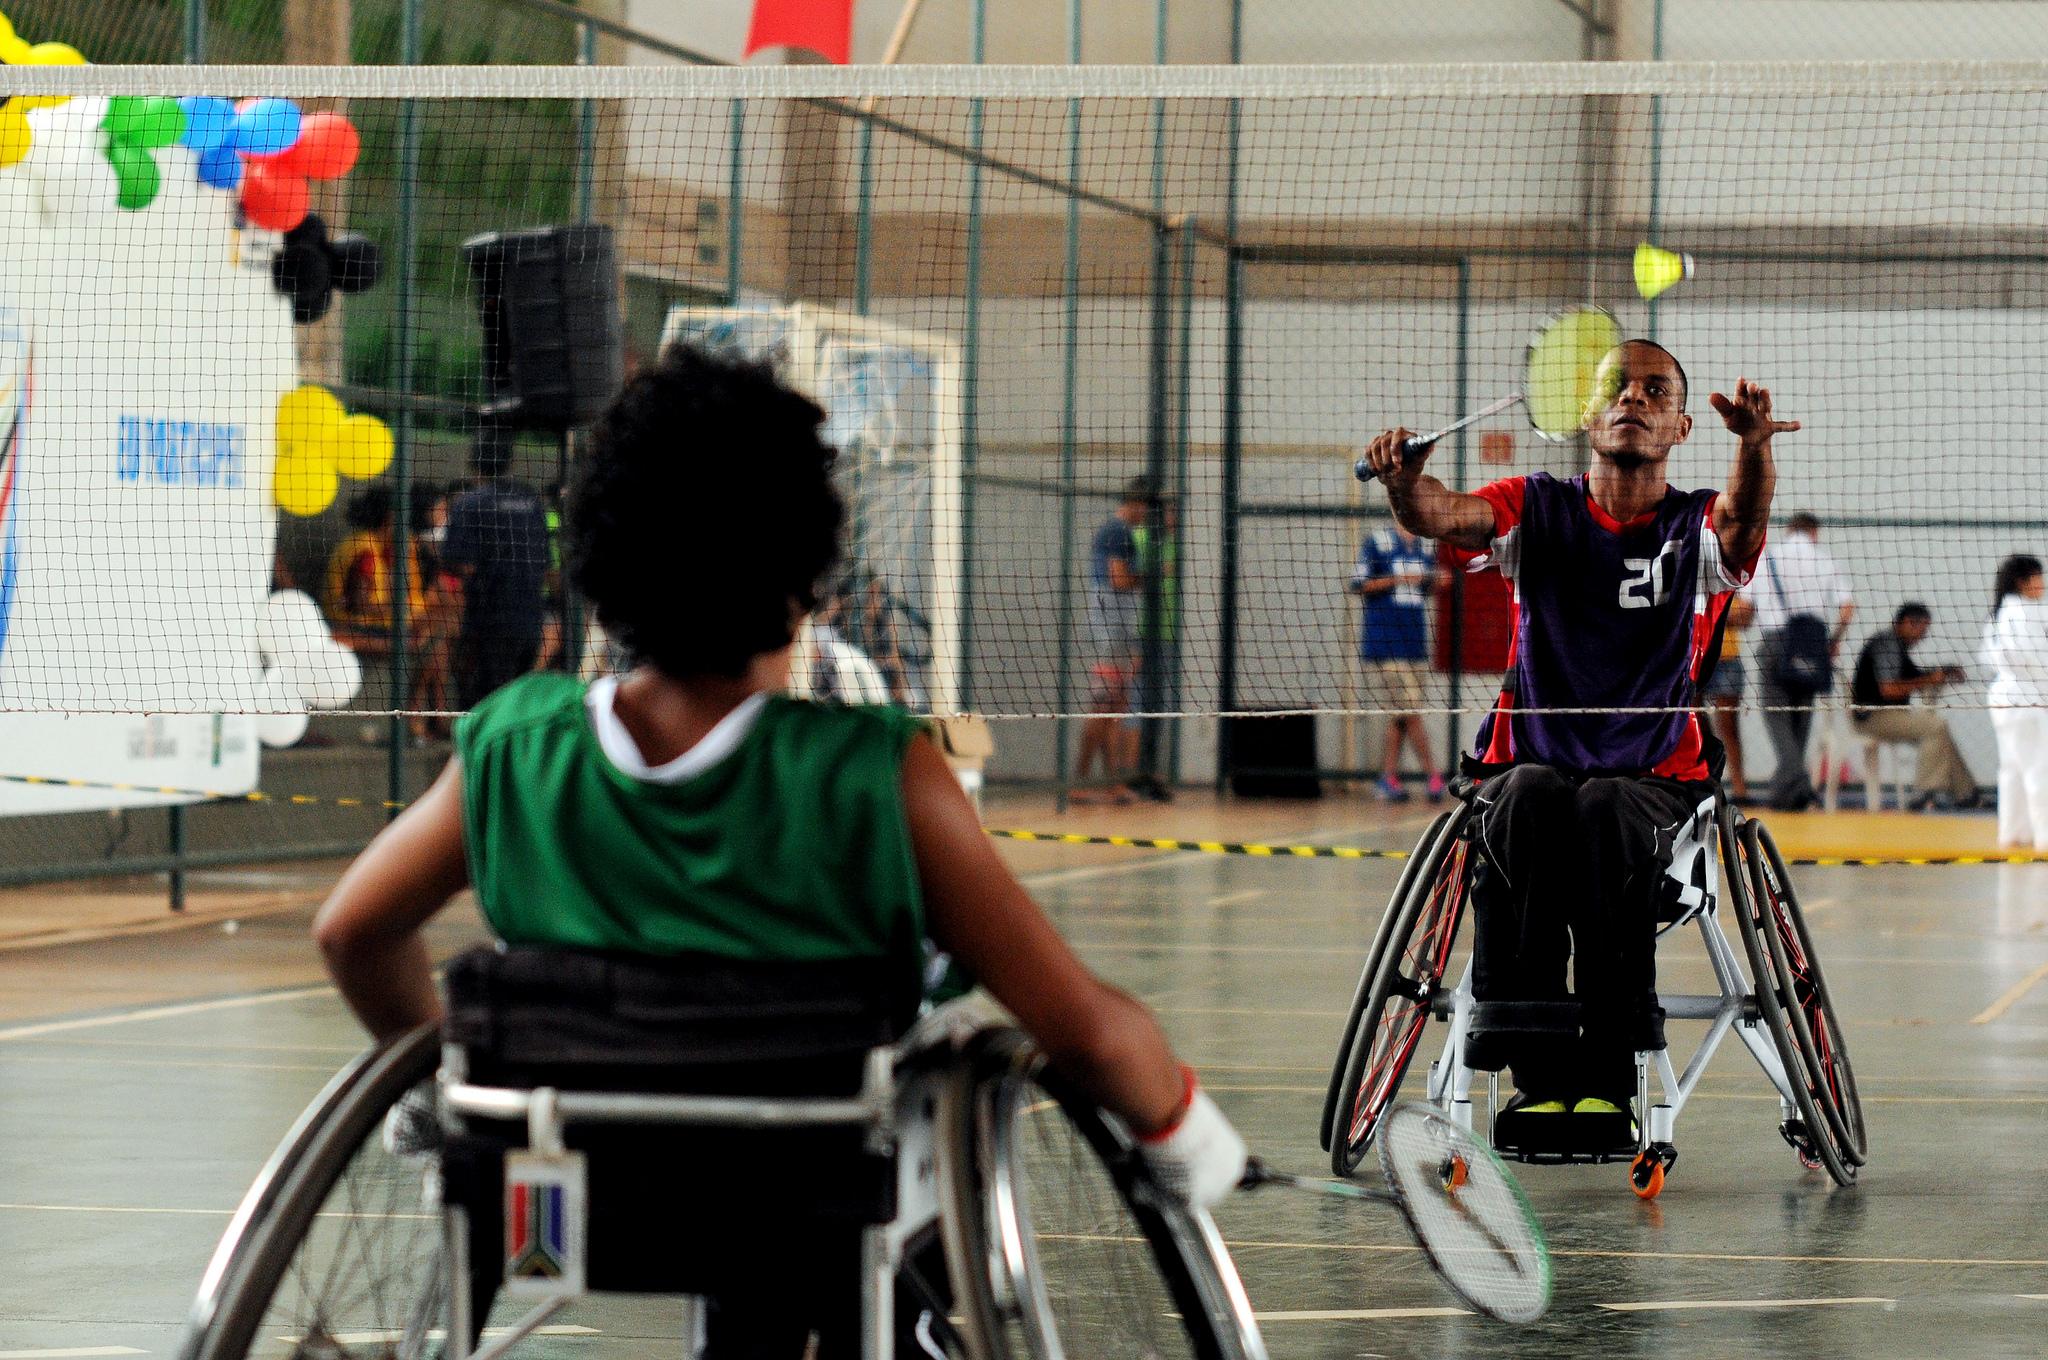 Realizados em 2015, 2016 e 2017, os Jogos Abertos de Brasília, com o objetivo de identificar novos talentos e incentivar a comunidade a participar de atividades esportivas.  <p>Foram ofertadas, em 2017, as seguintes modalidades, nas categorias masculino e feminino, para pessoas com deficiência:  <ul>     <li>Atletismo, com 15 participantes</li>     <li>Natação, com 18 participantes</li>     <li>Tênis de mesa, com seis participantes</li>